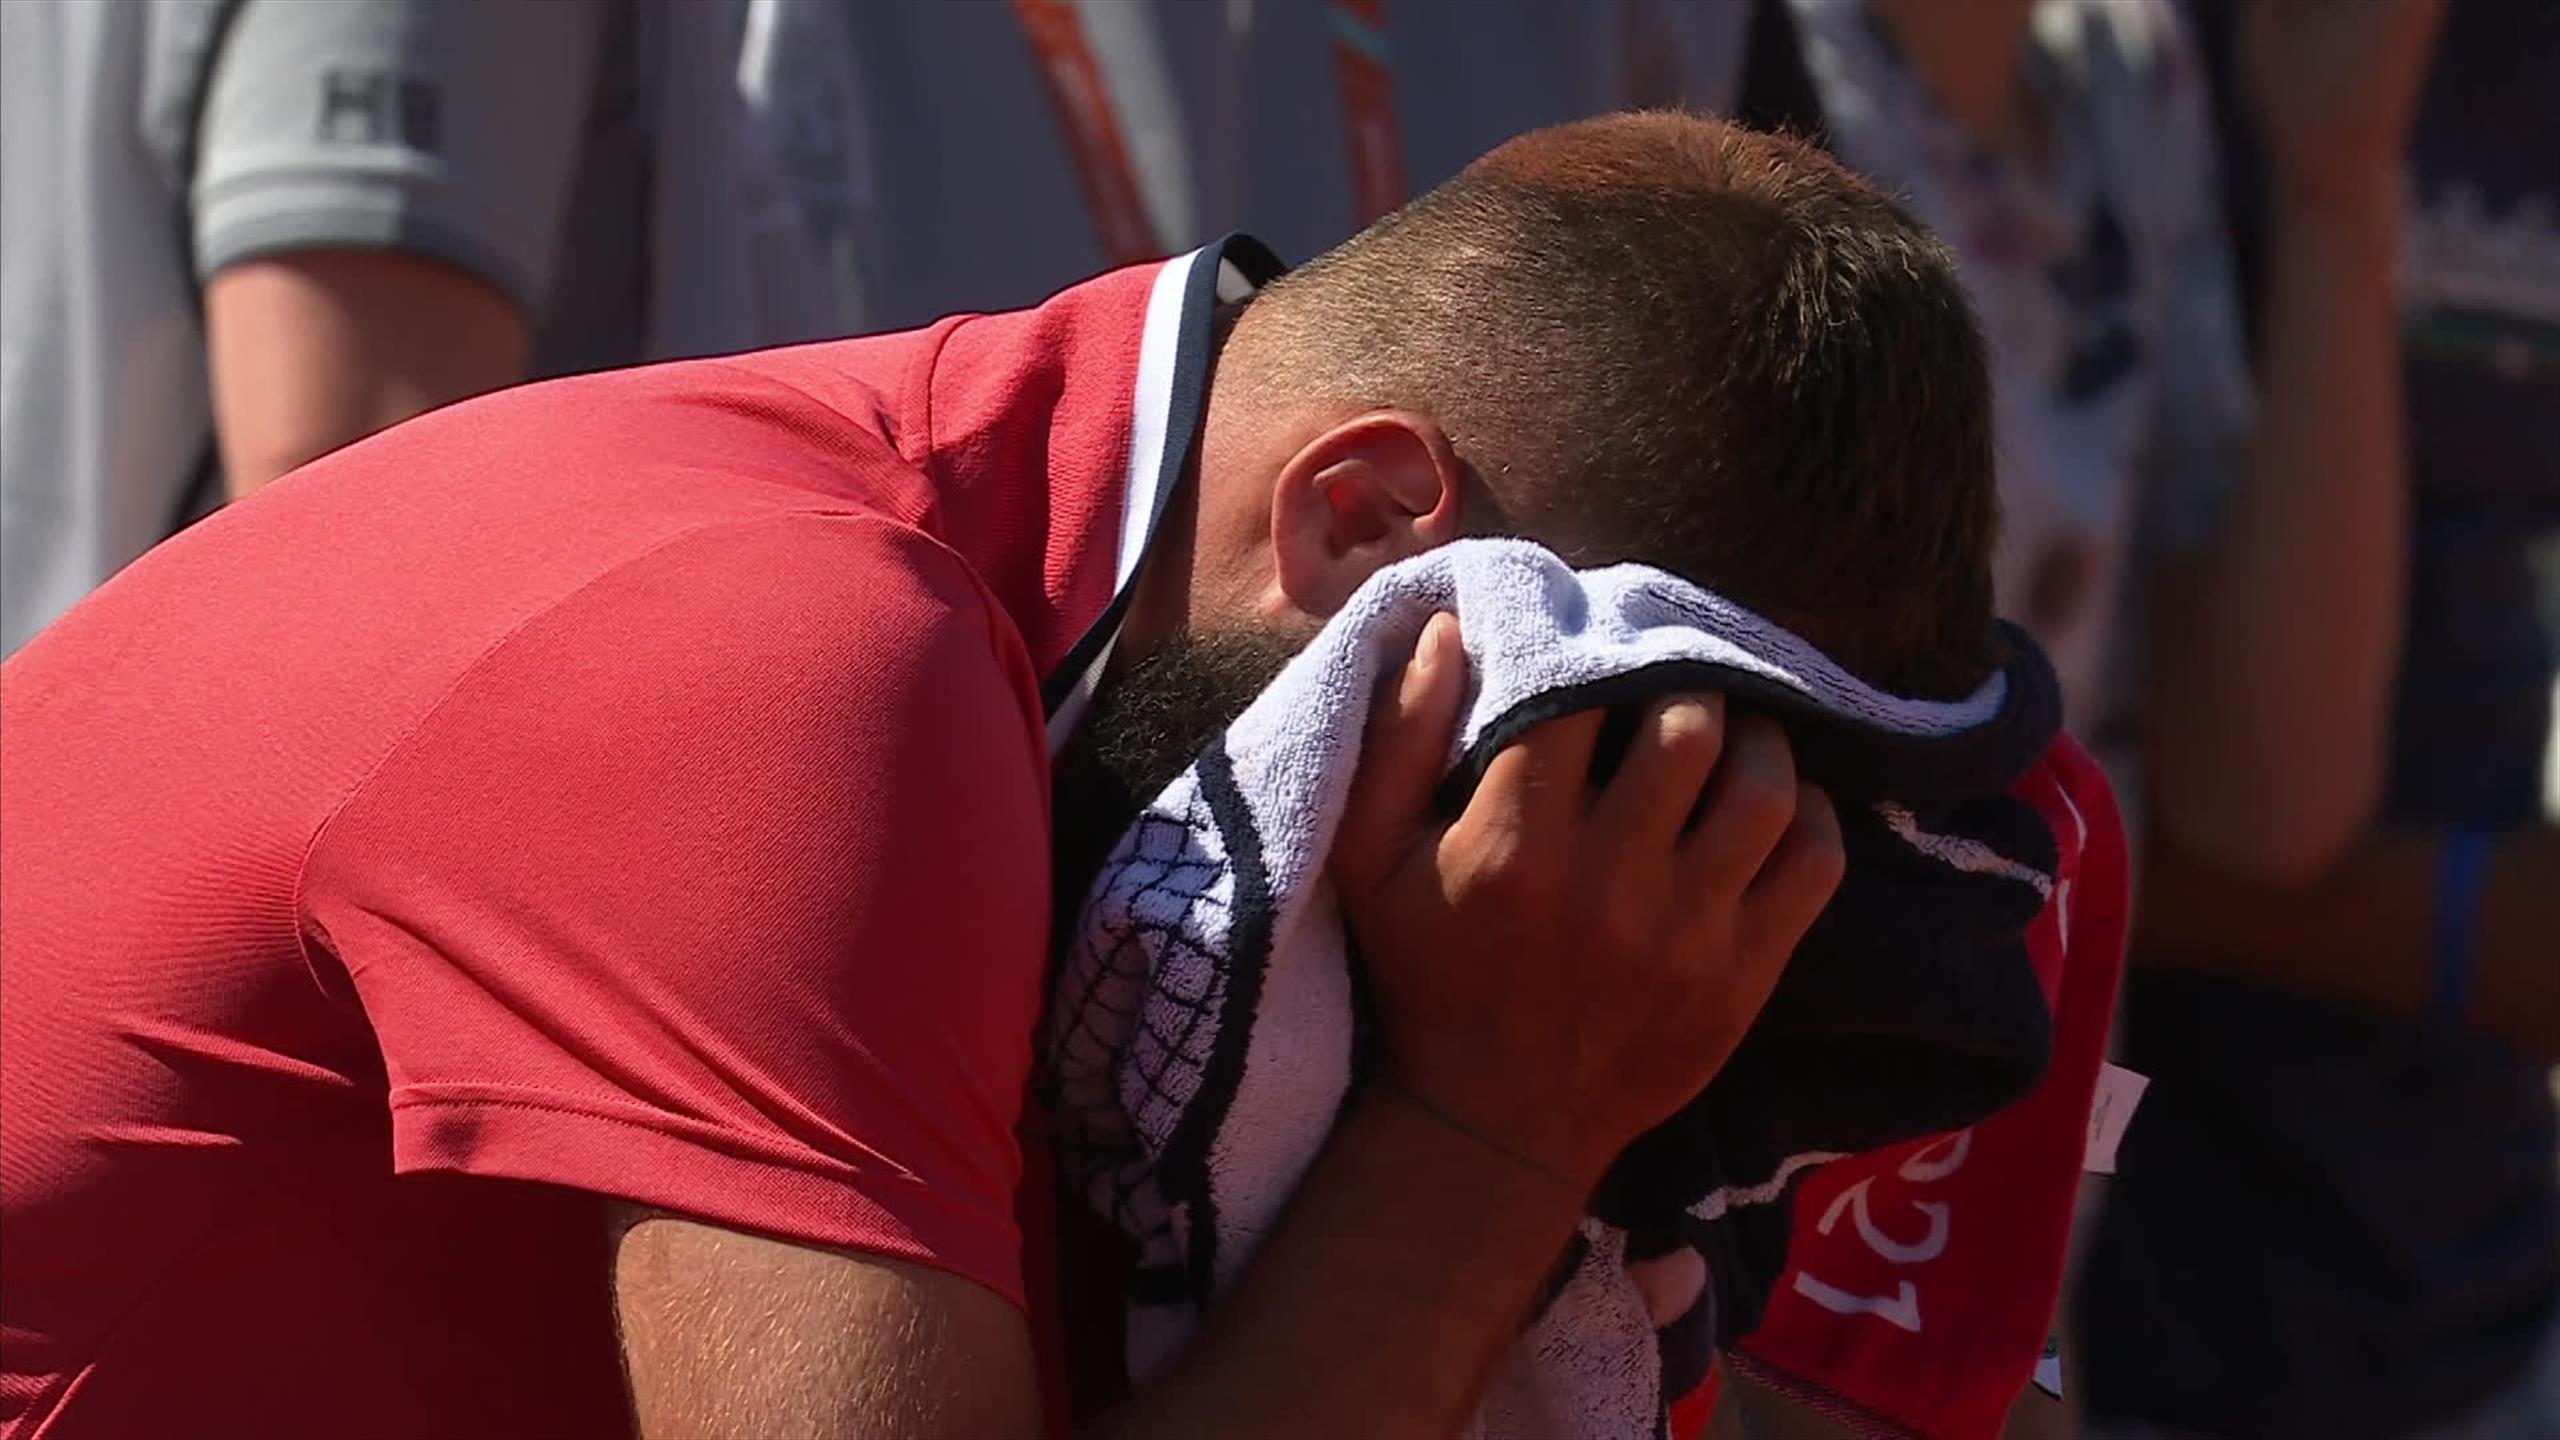 """3143354 64422808 2560 1440 - Benoit Paire v solzah: """"V zadnjih mesecih sem trpel"""""""